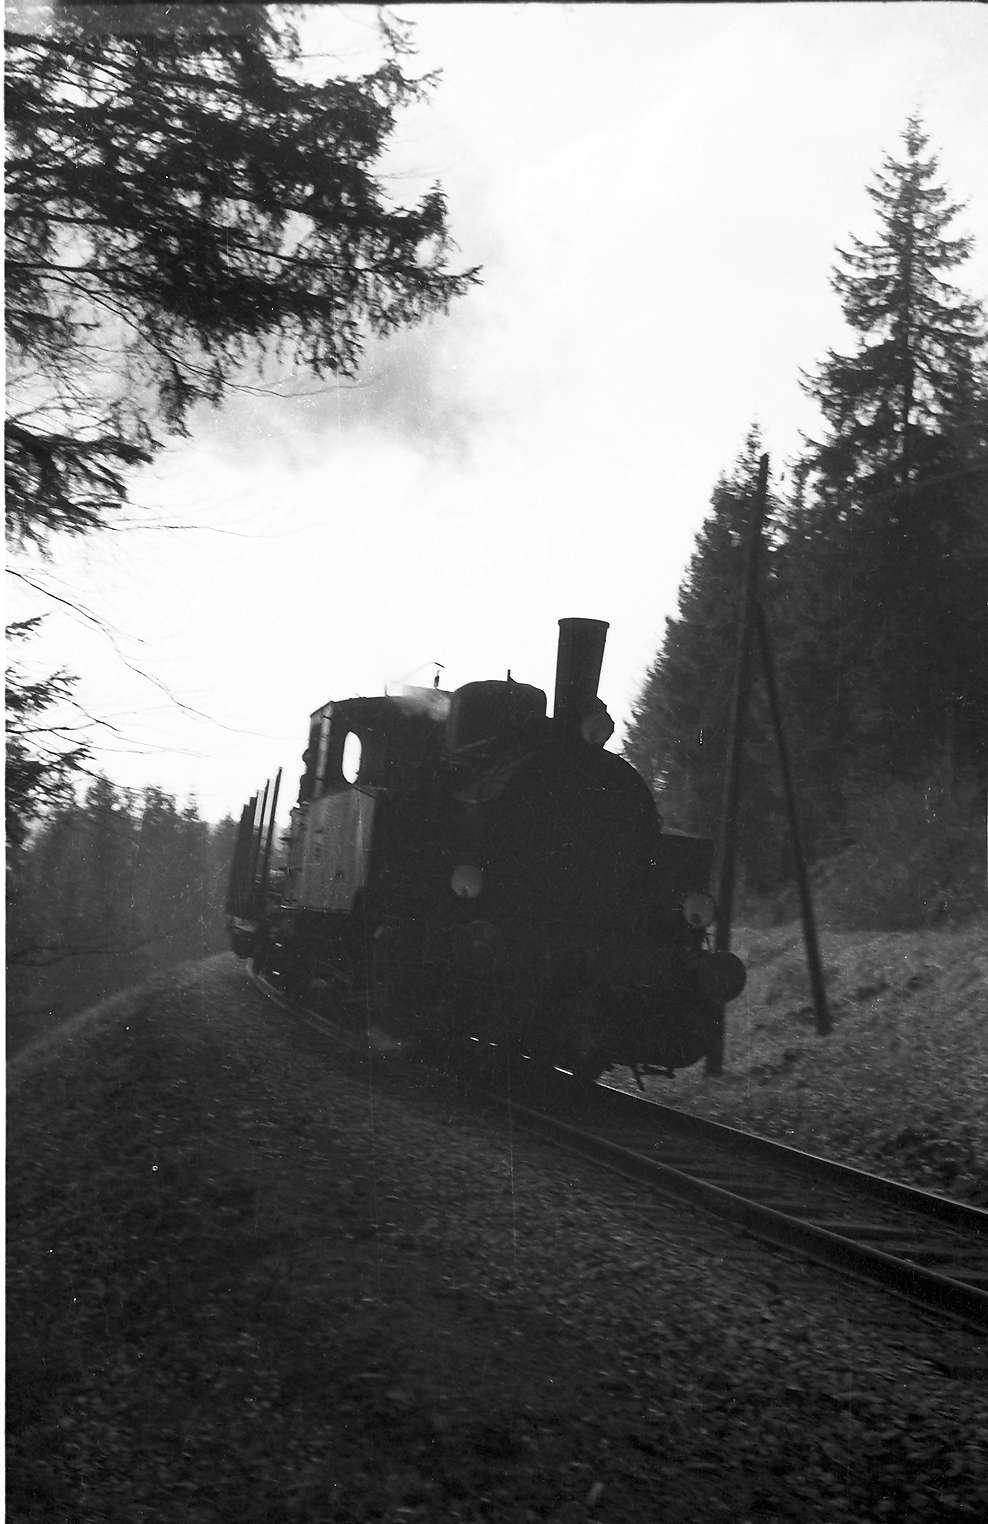 Lok 12, Strecke Gammertingen - Neufra, Bild 1